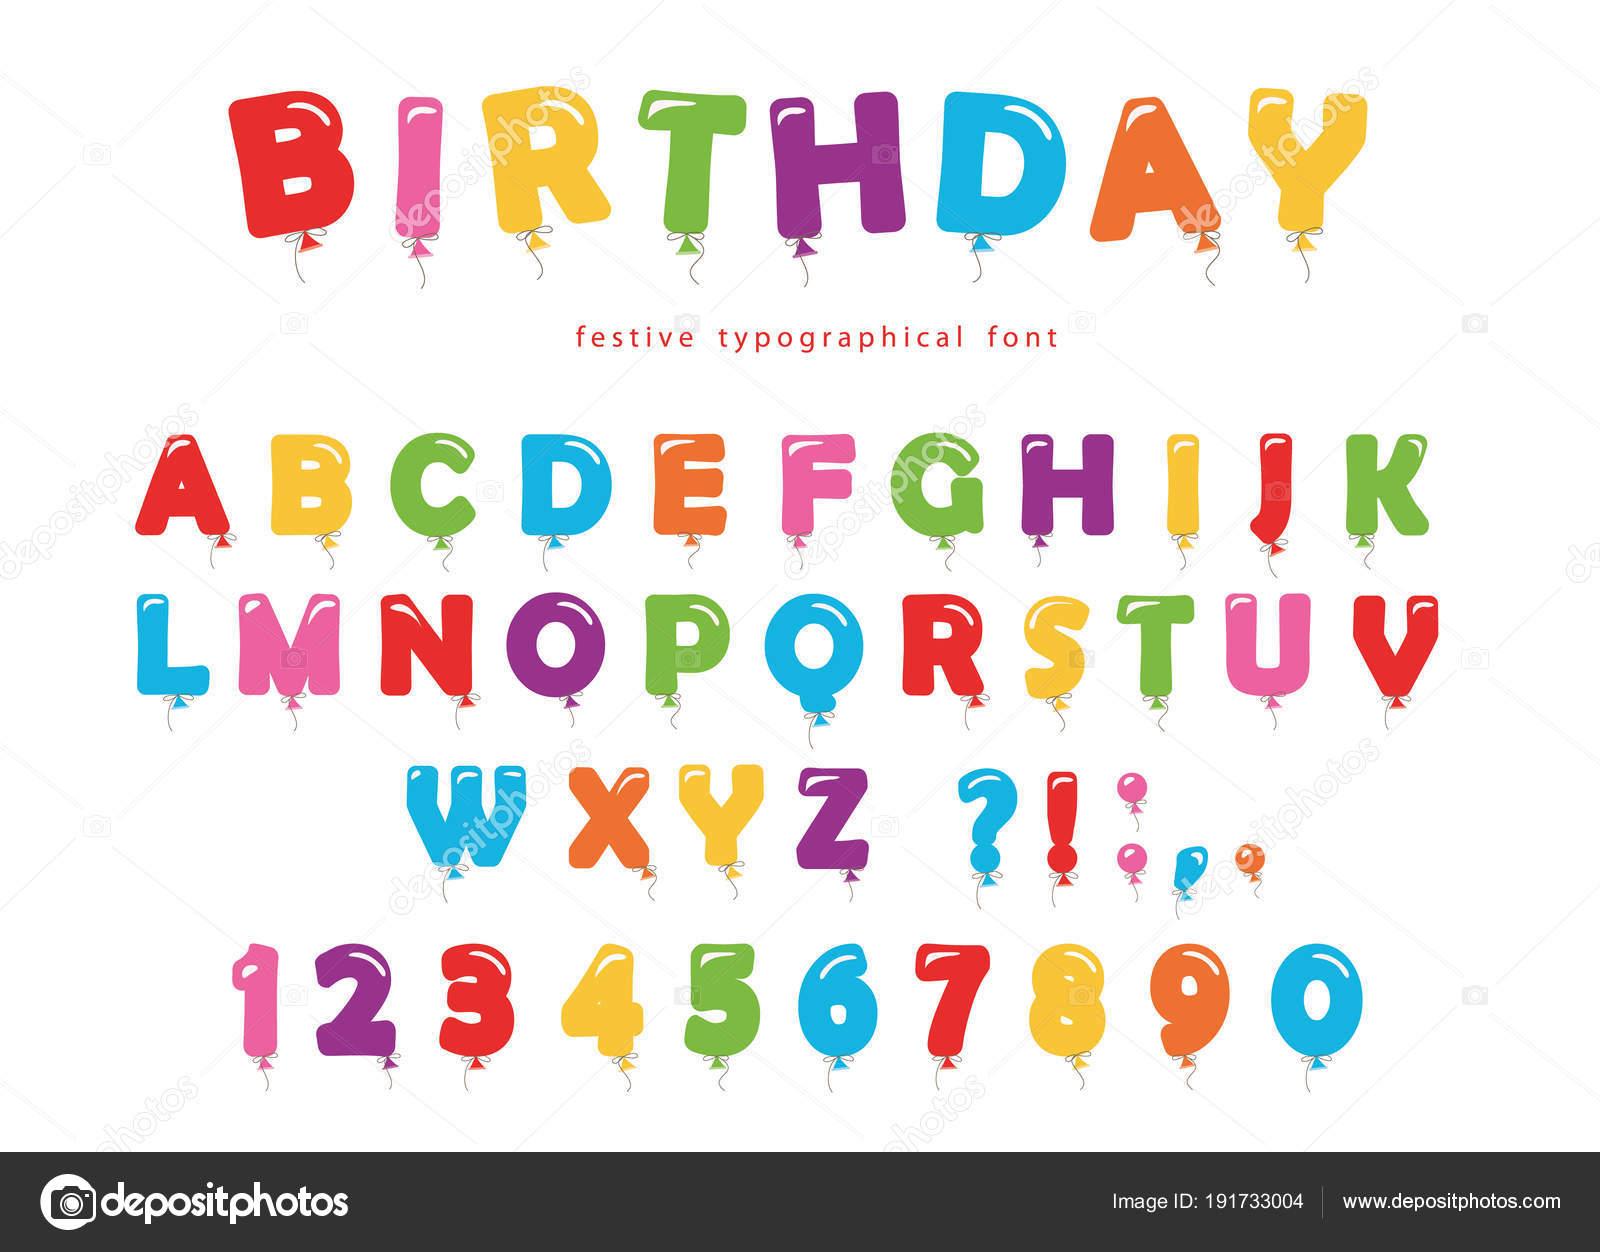 バルーン カラフルなフォントですかわいい Abc の文字と数字誕生日